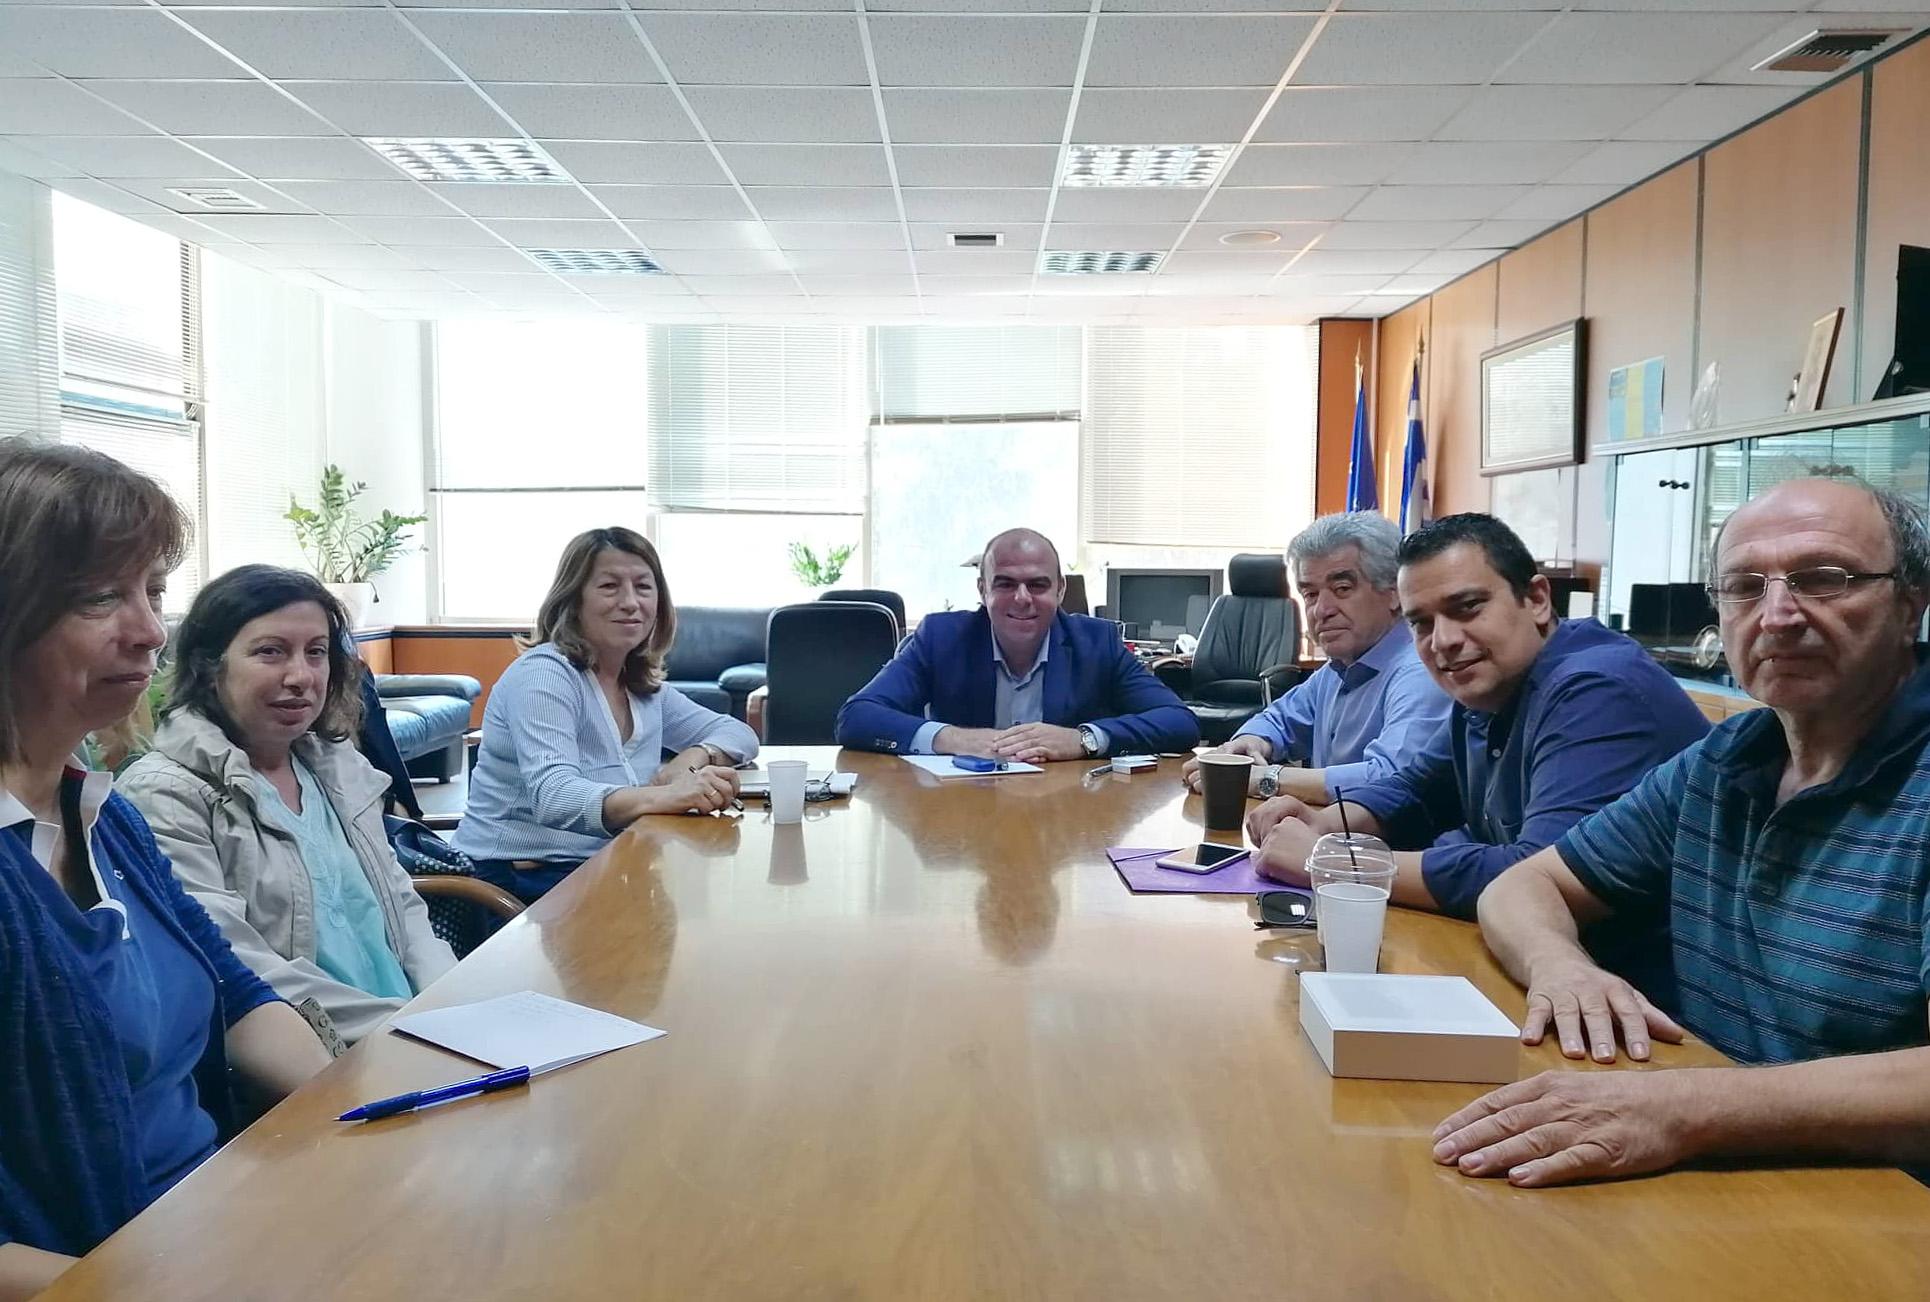 Λ. Κοσμόπουλος: Προγραμματισμός έργων σε συνεργασία με τον Δήμο Μεγαρέων και την τοπική κοινωνία